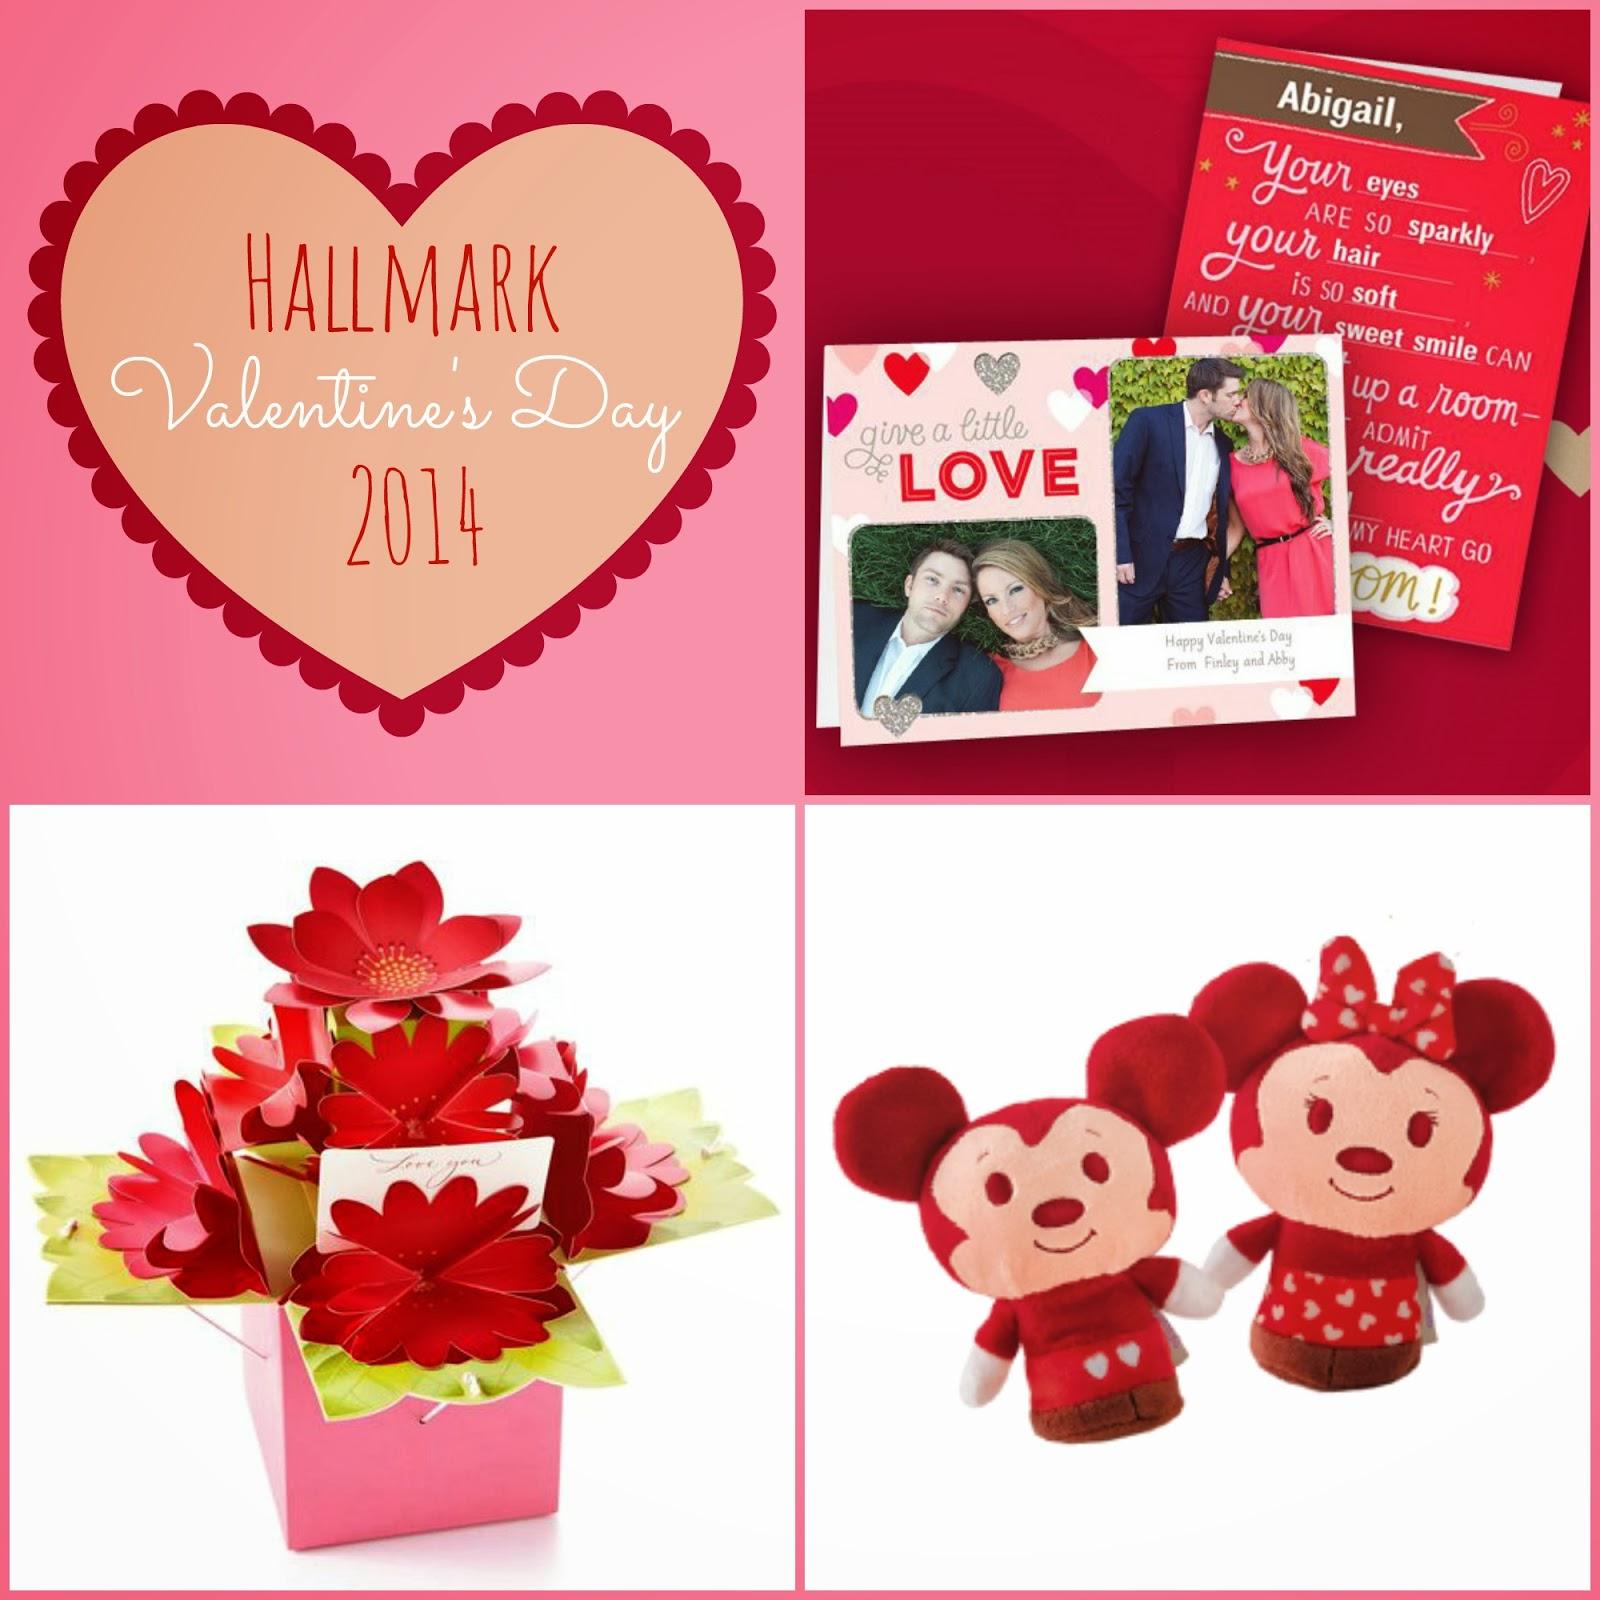 Hallmark giveaway